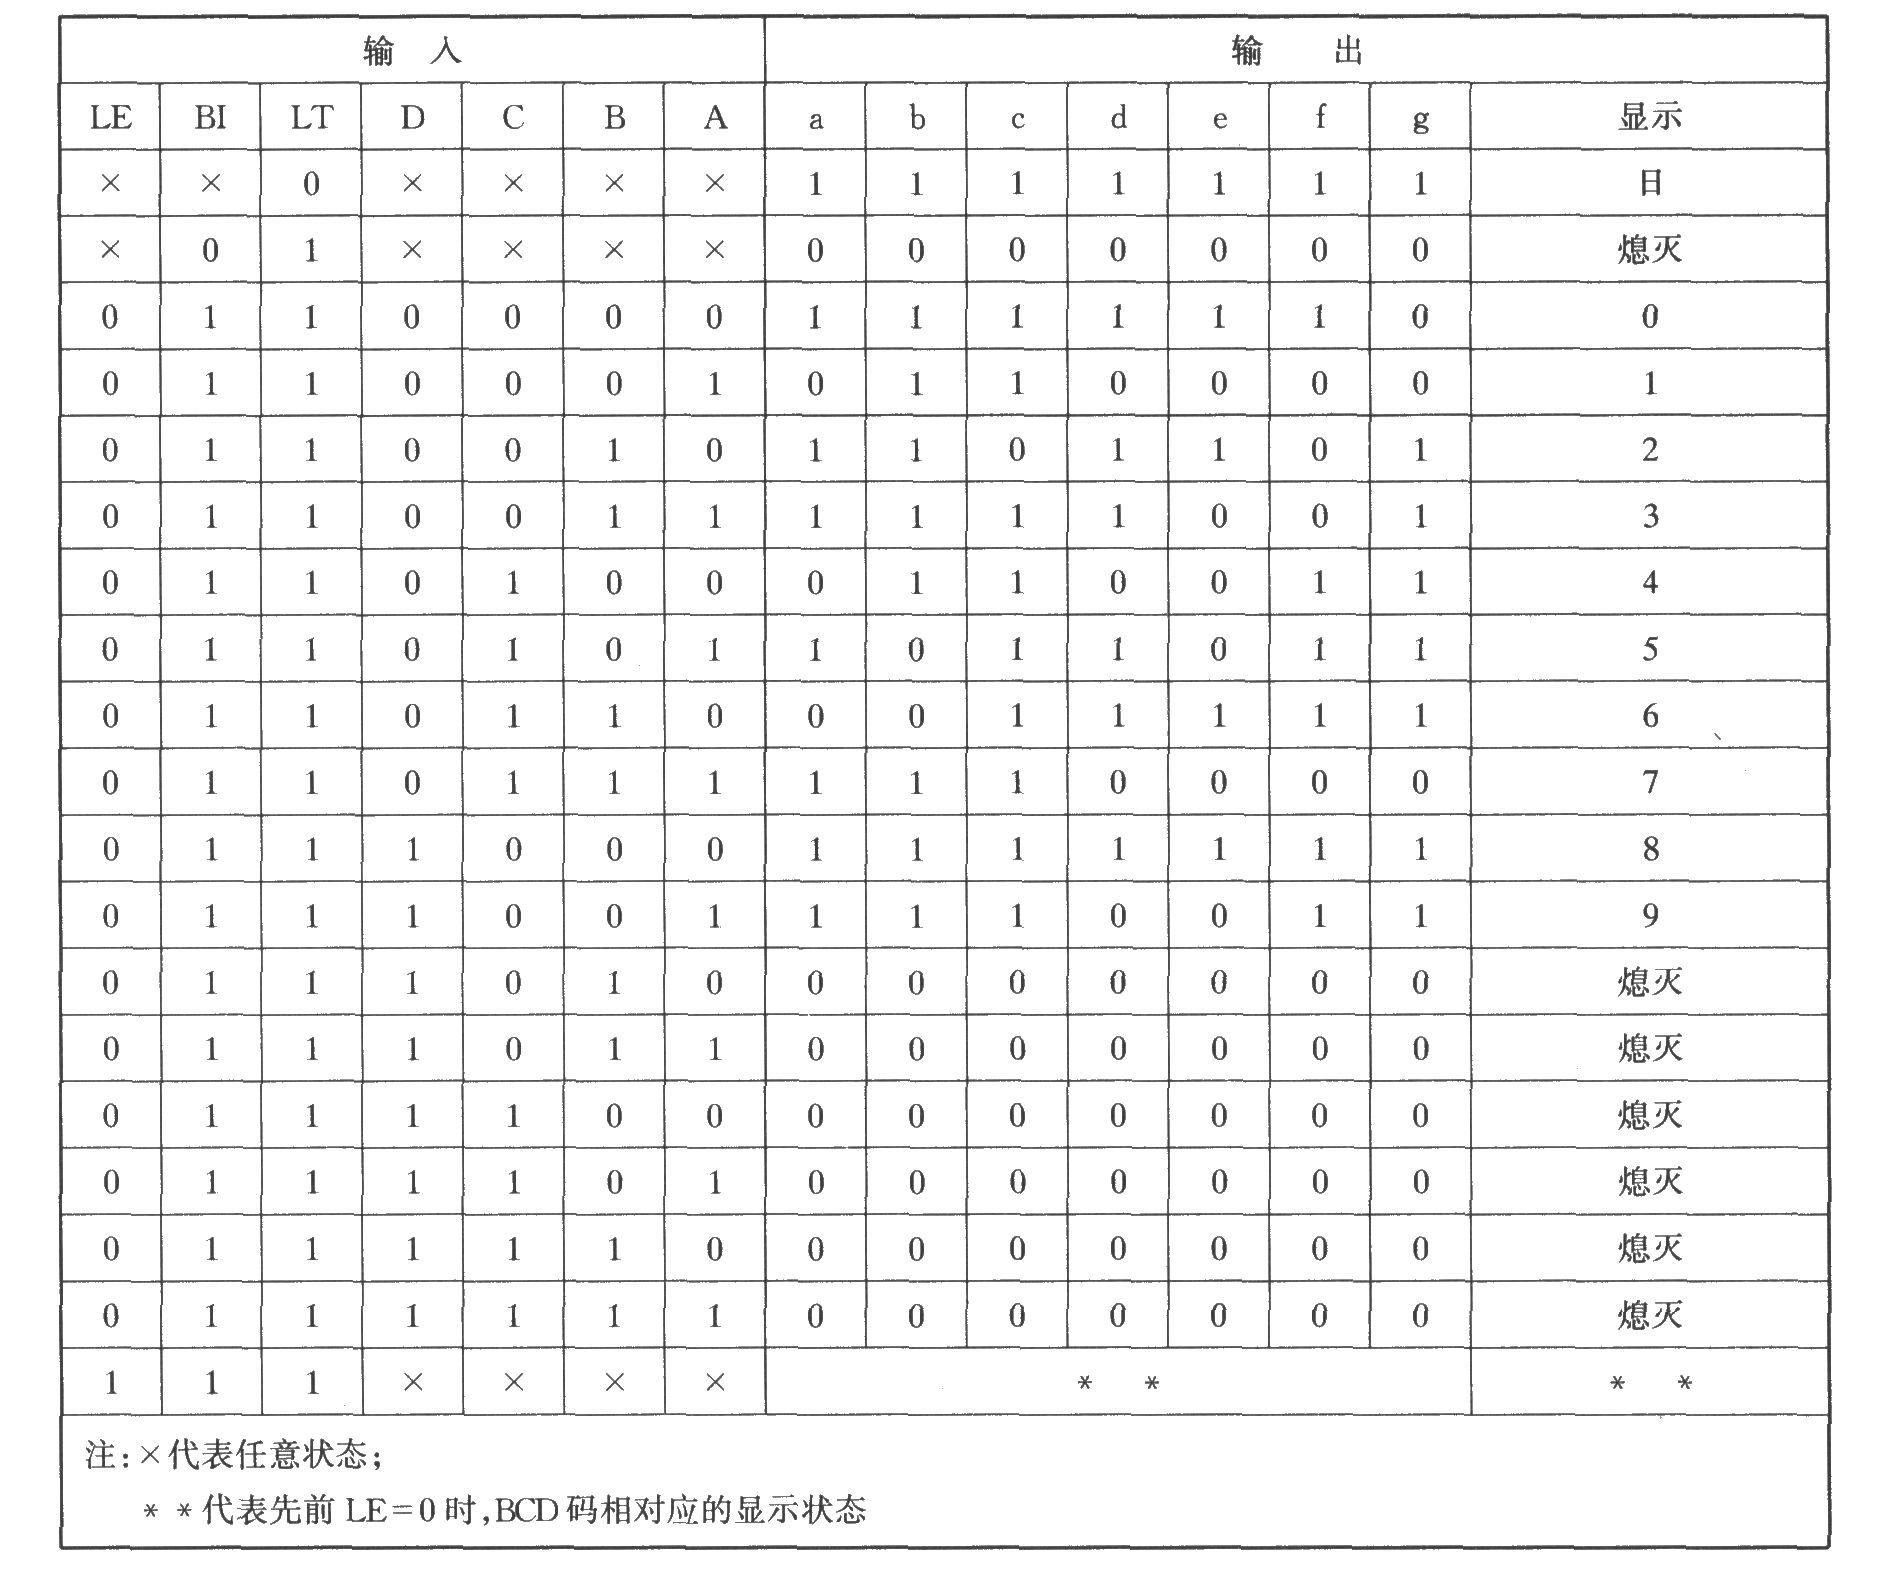 数码显示抢答器电路-电路图-aet-北大中文核心期刊-最